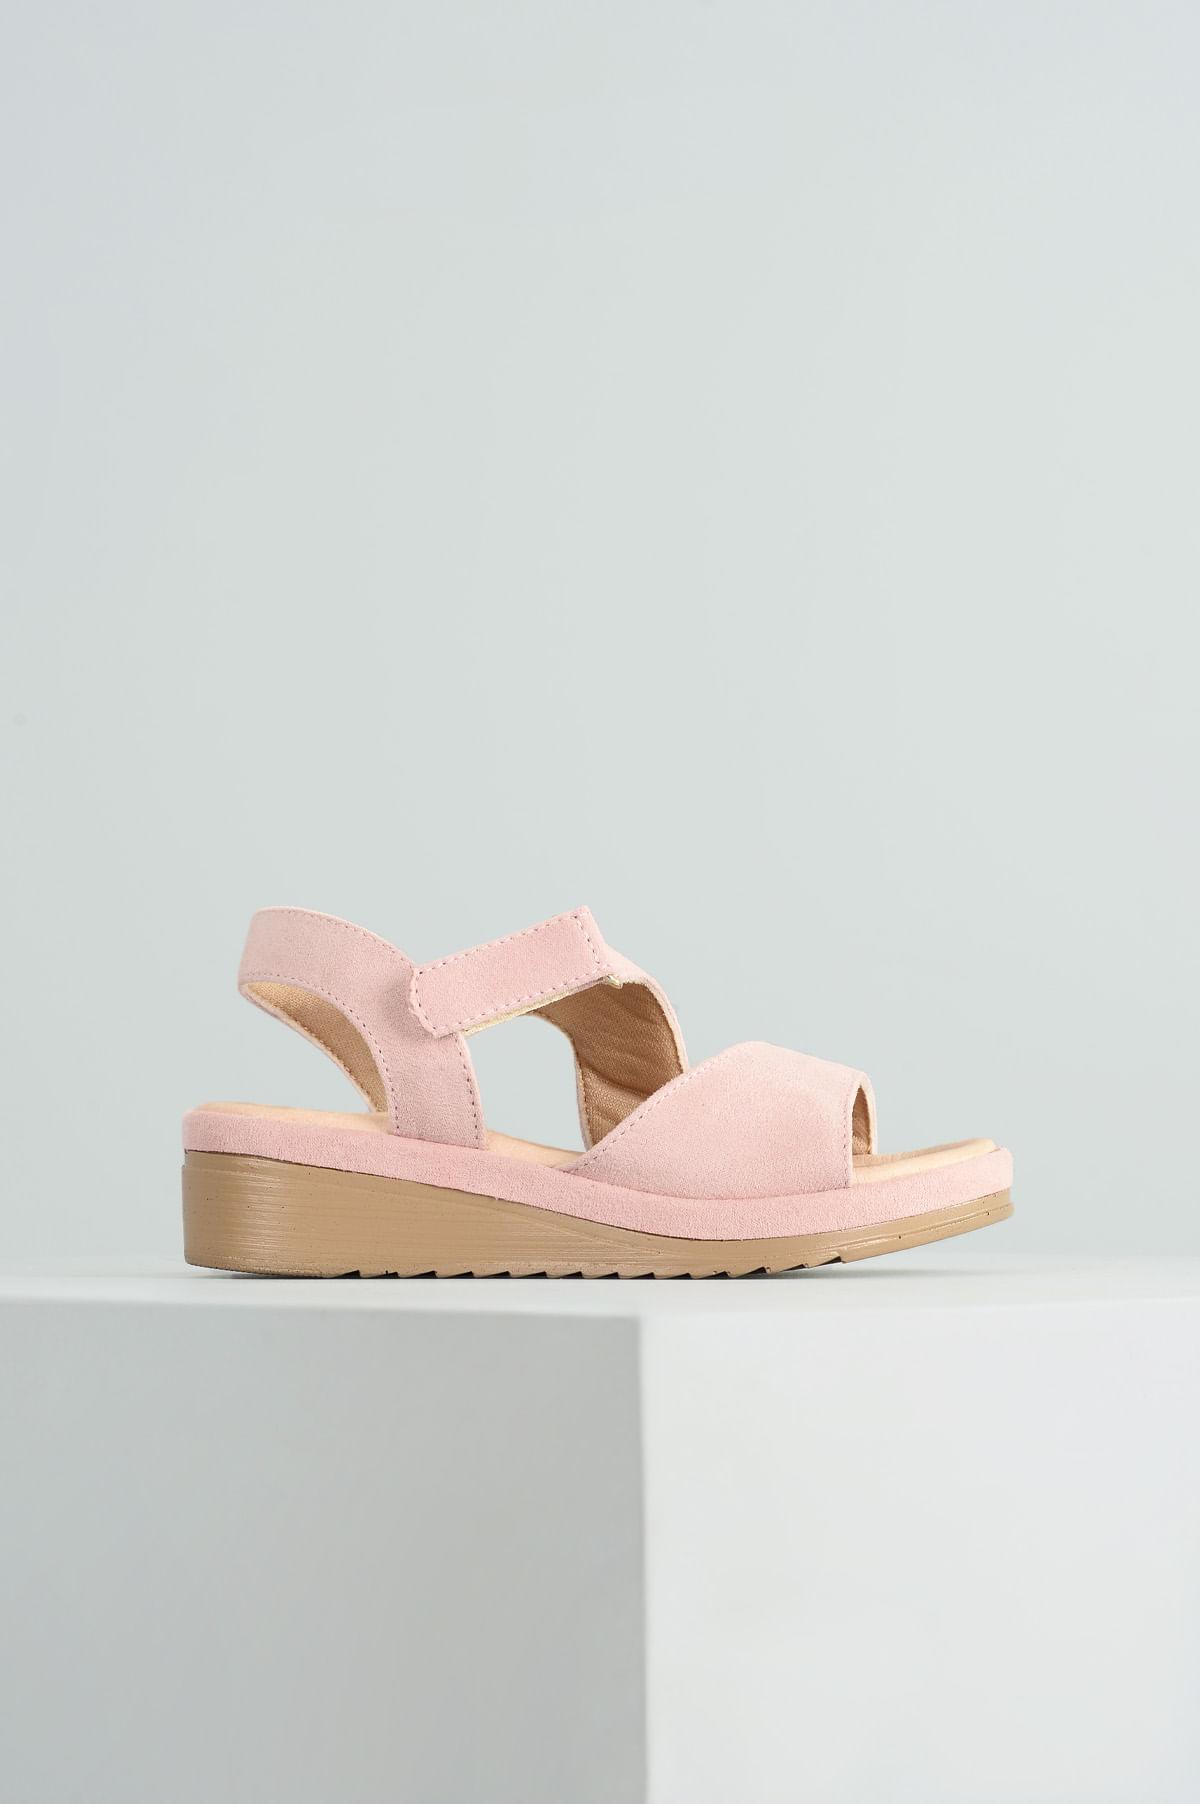 e6d1631f45 Sandália Infantil Anabela Monica Mundial CAM - ROSA - Mundial Calçados